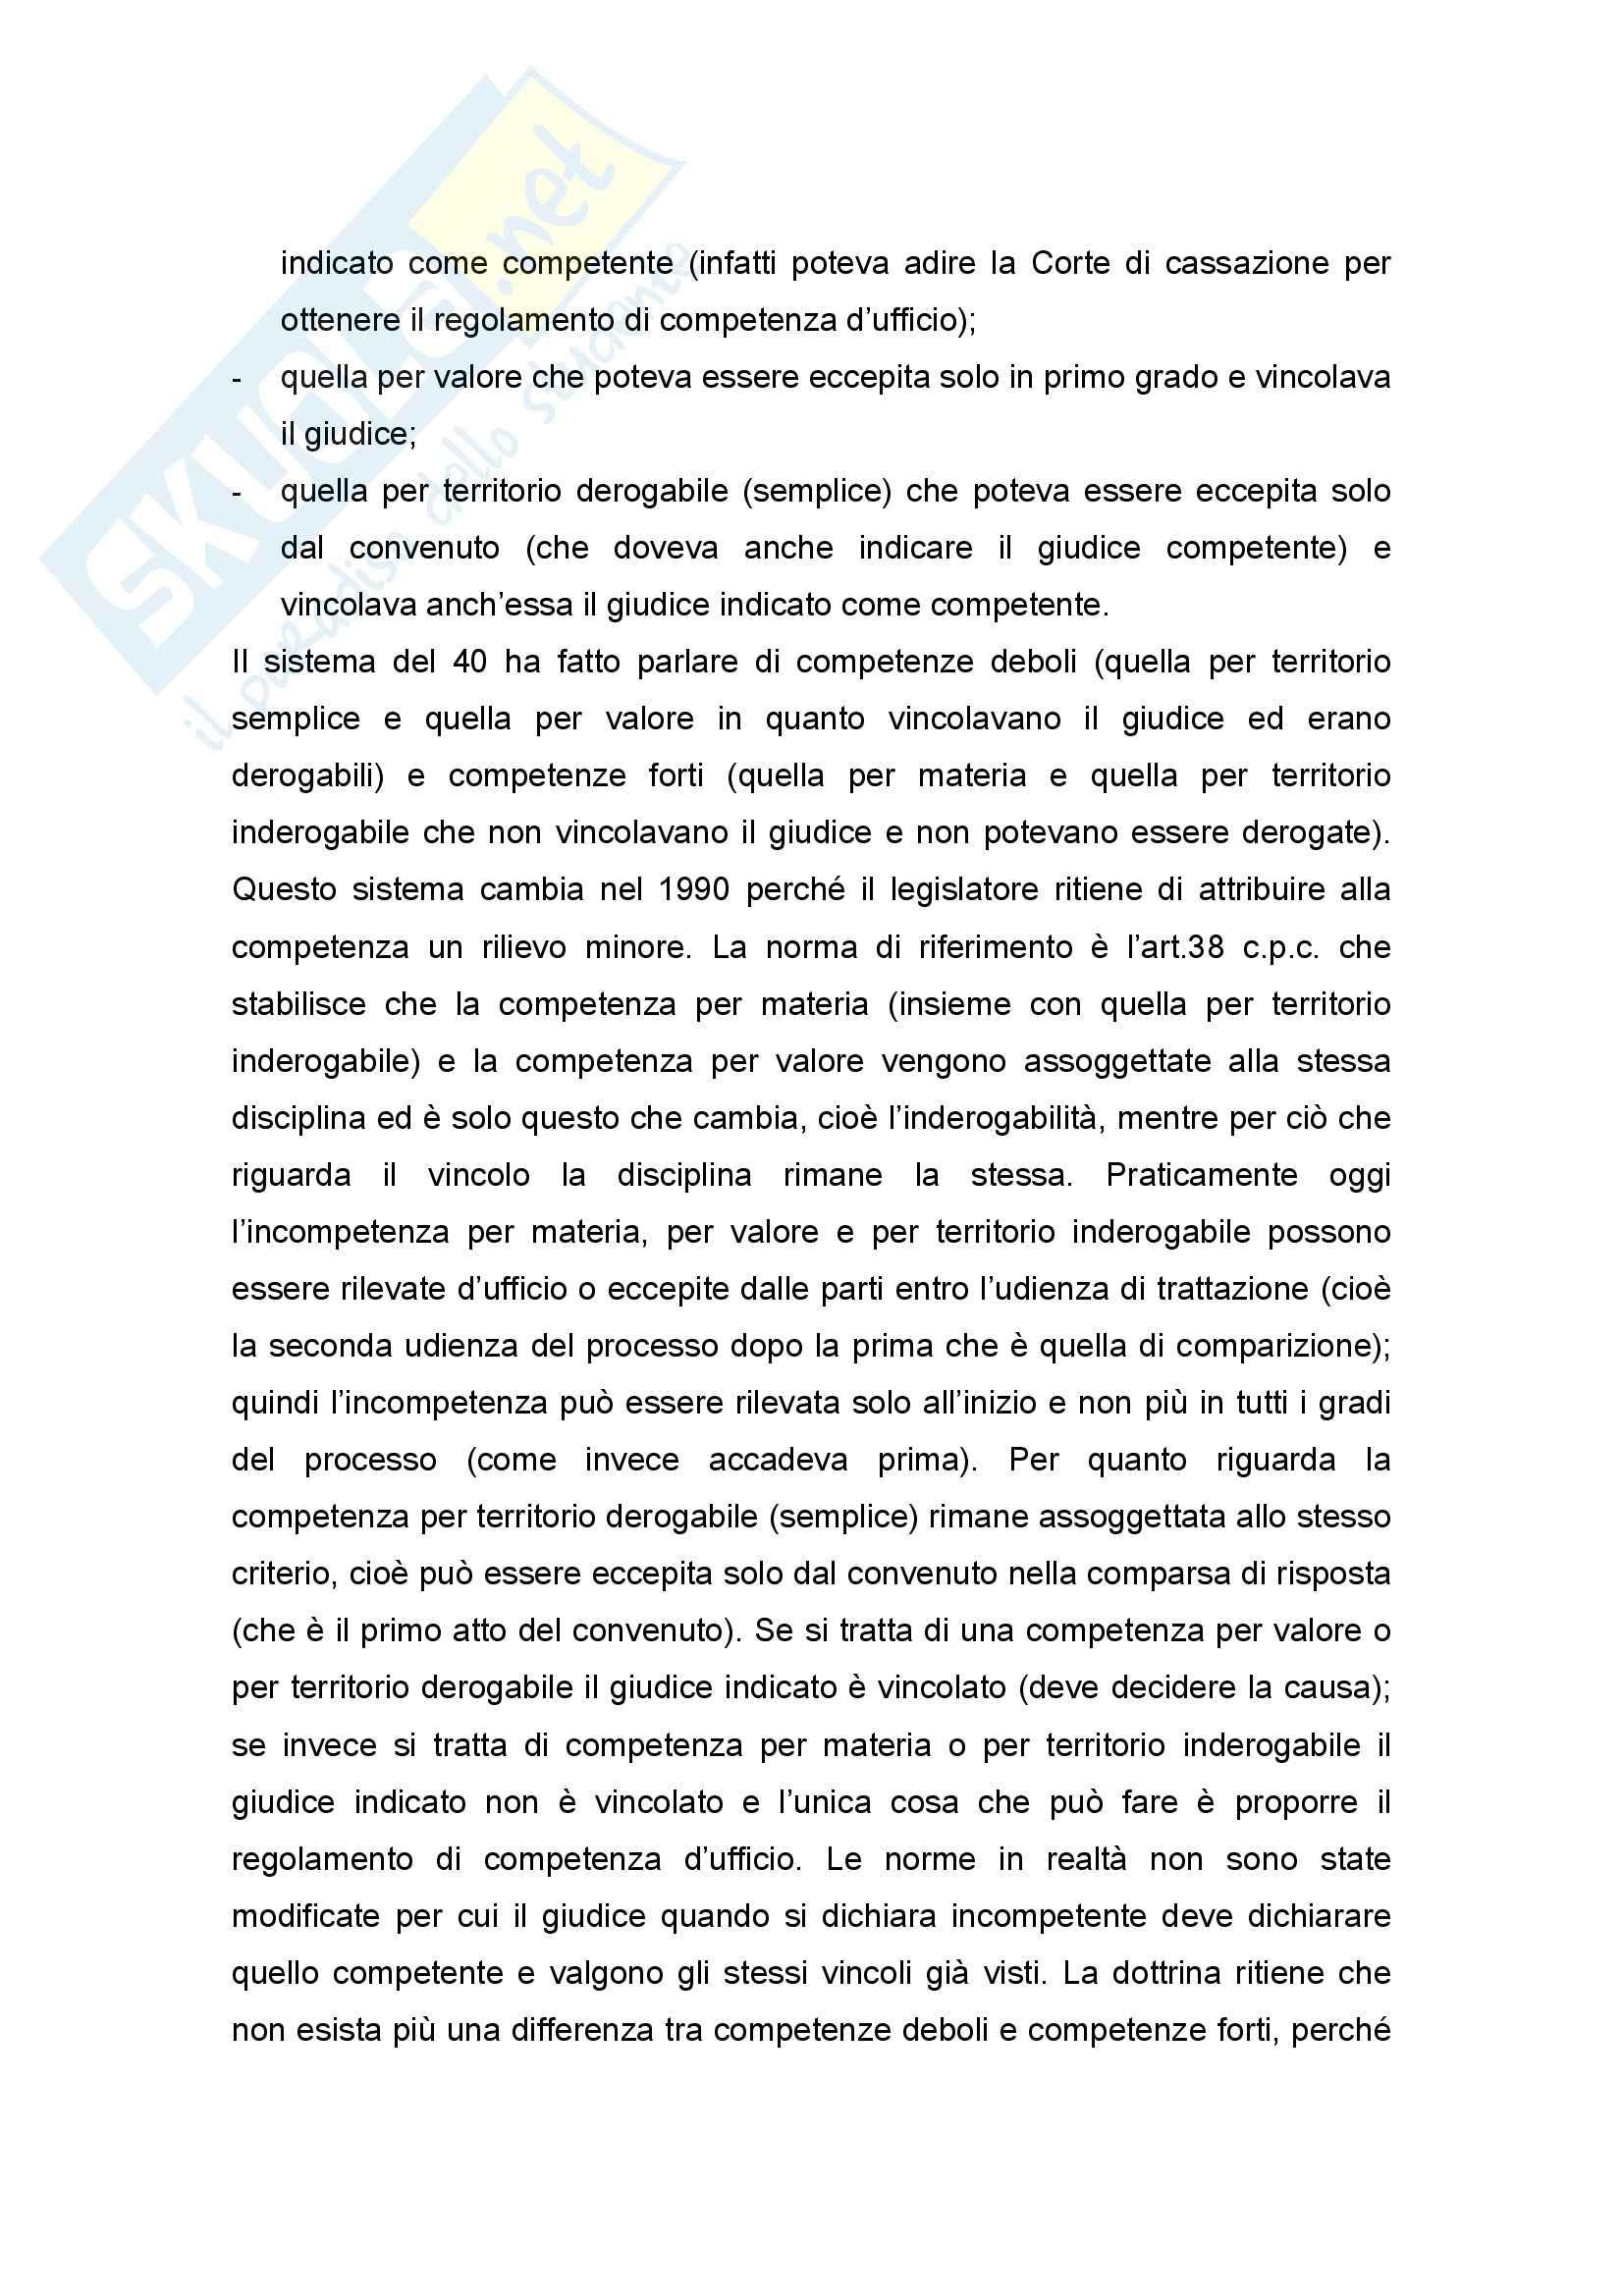 Diritto Processuale Civile - Appunti Pag. 41